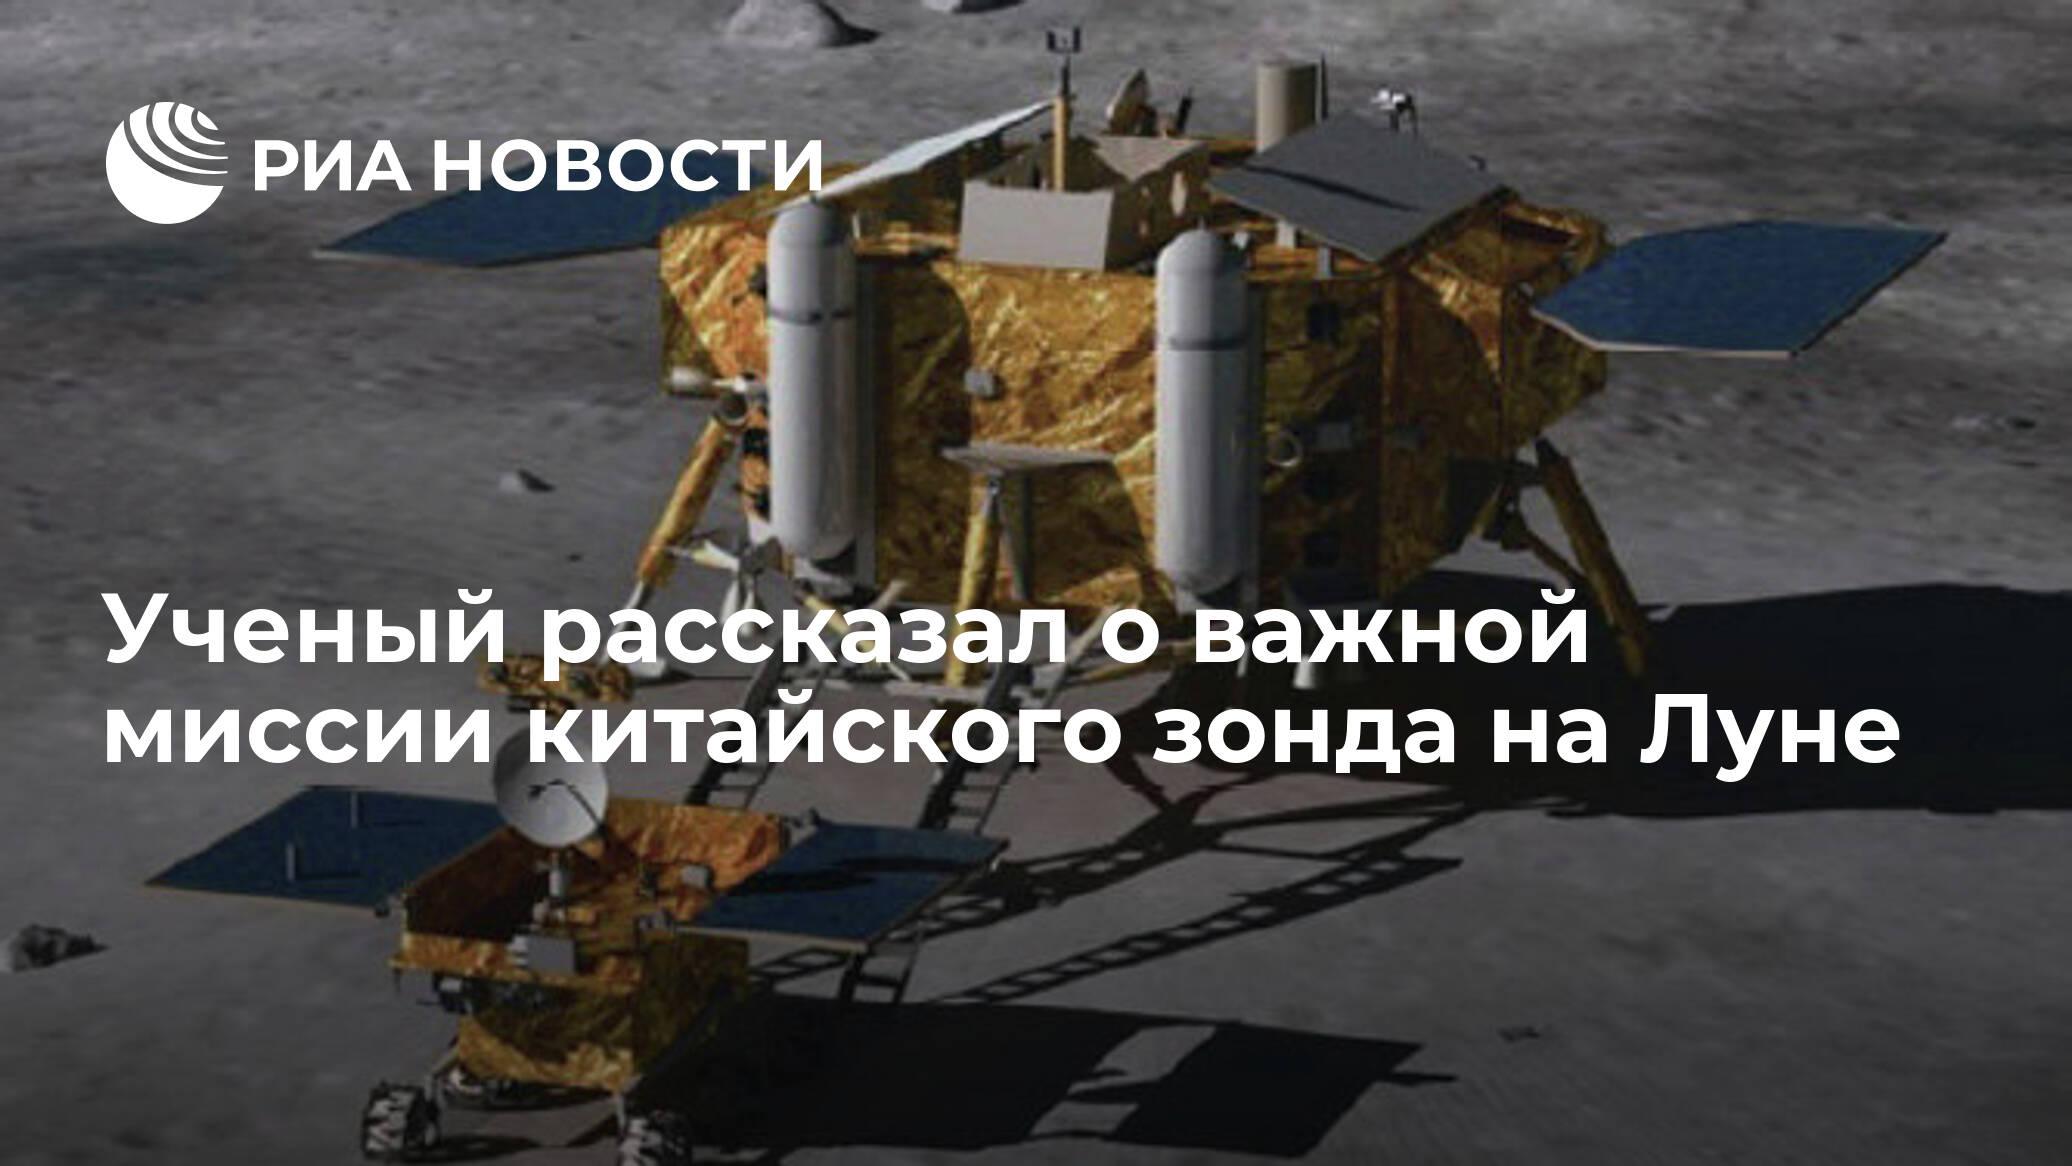 Ученый рассказал о важной миссии китайского зонда на Луне